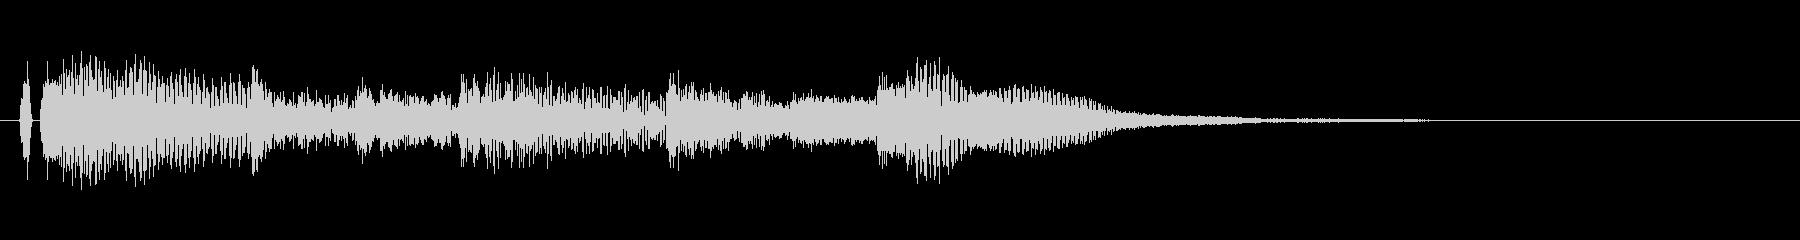 オープニング用ジングル110/ショートの未再生の波形